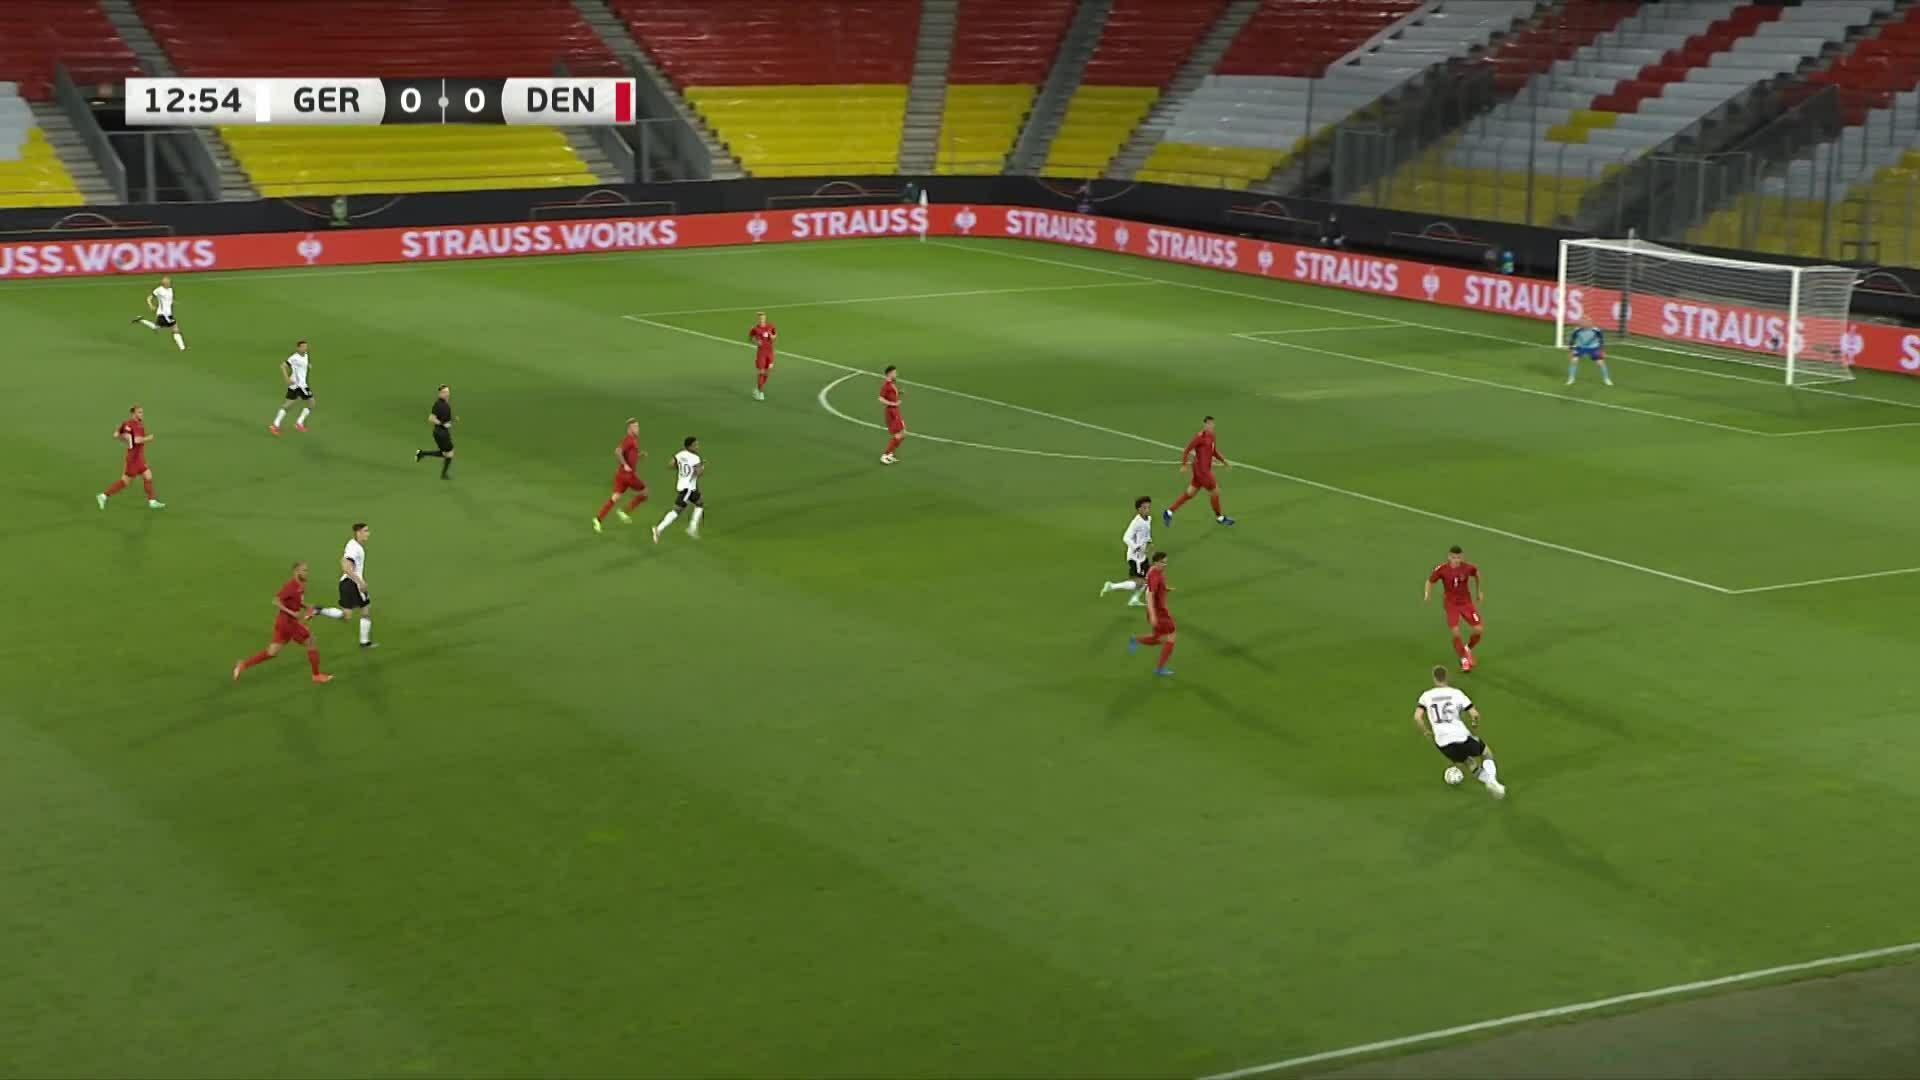 เยอรมัน 1-1 เดนมาร์ก